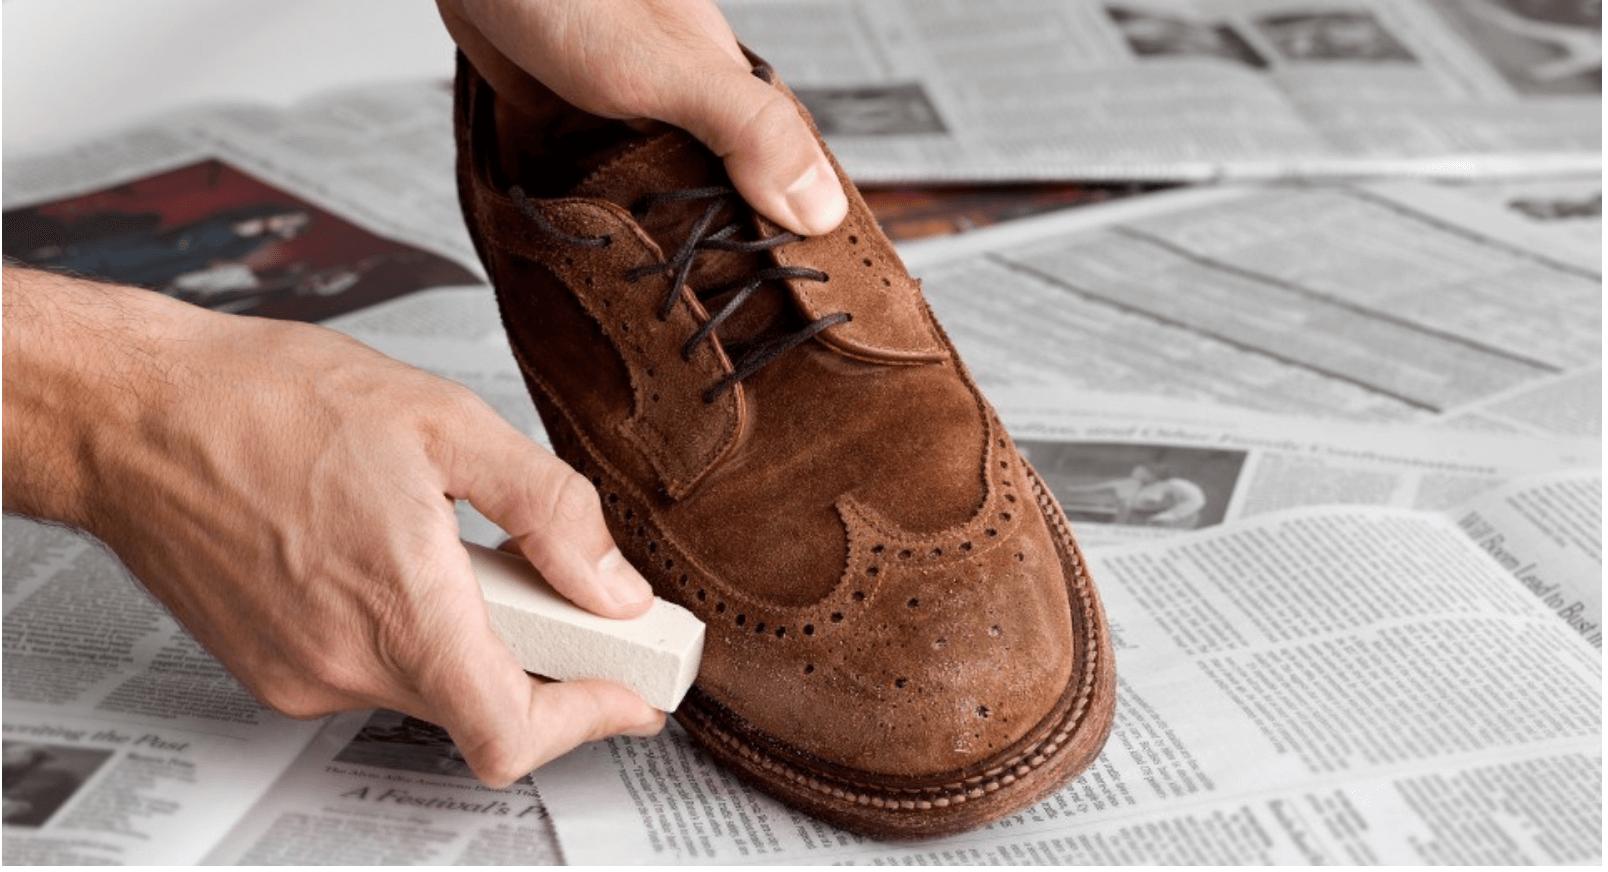 Đây là những bí kíp vệ sinh giày da lộn được rất nhiều người áp dụng